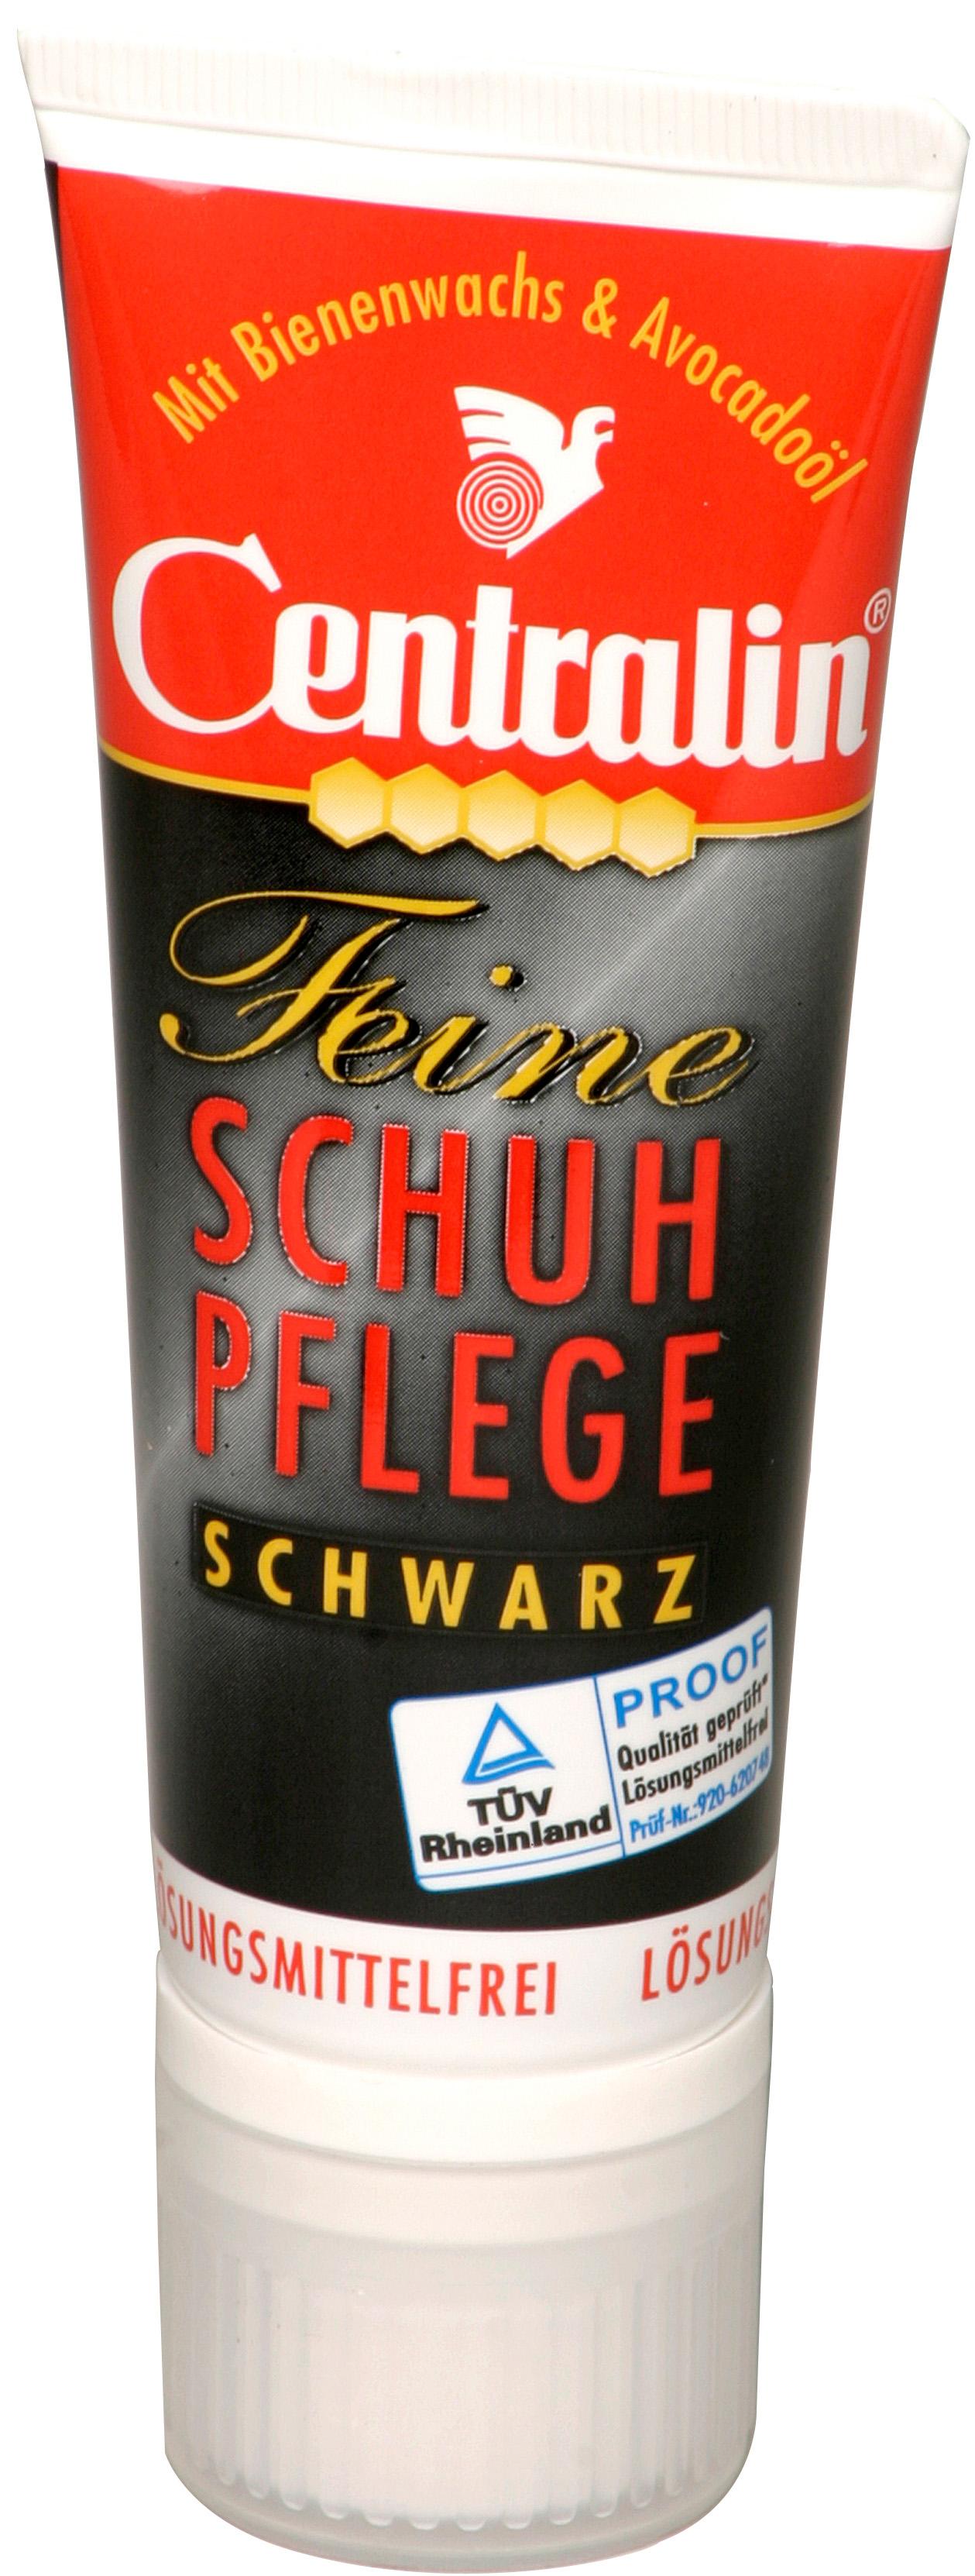 00673 - Centralin Schuhcreme 75ml Tube -schwarz-